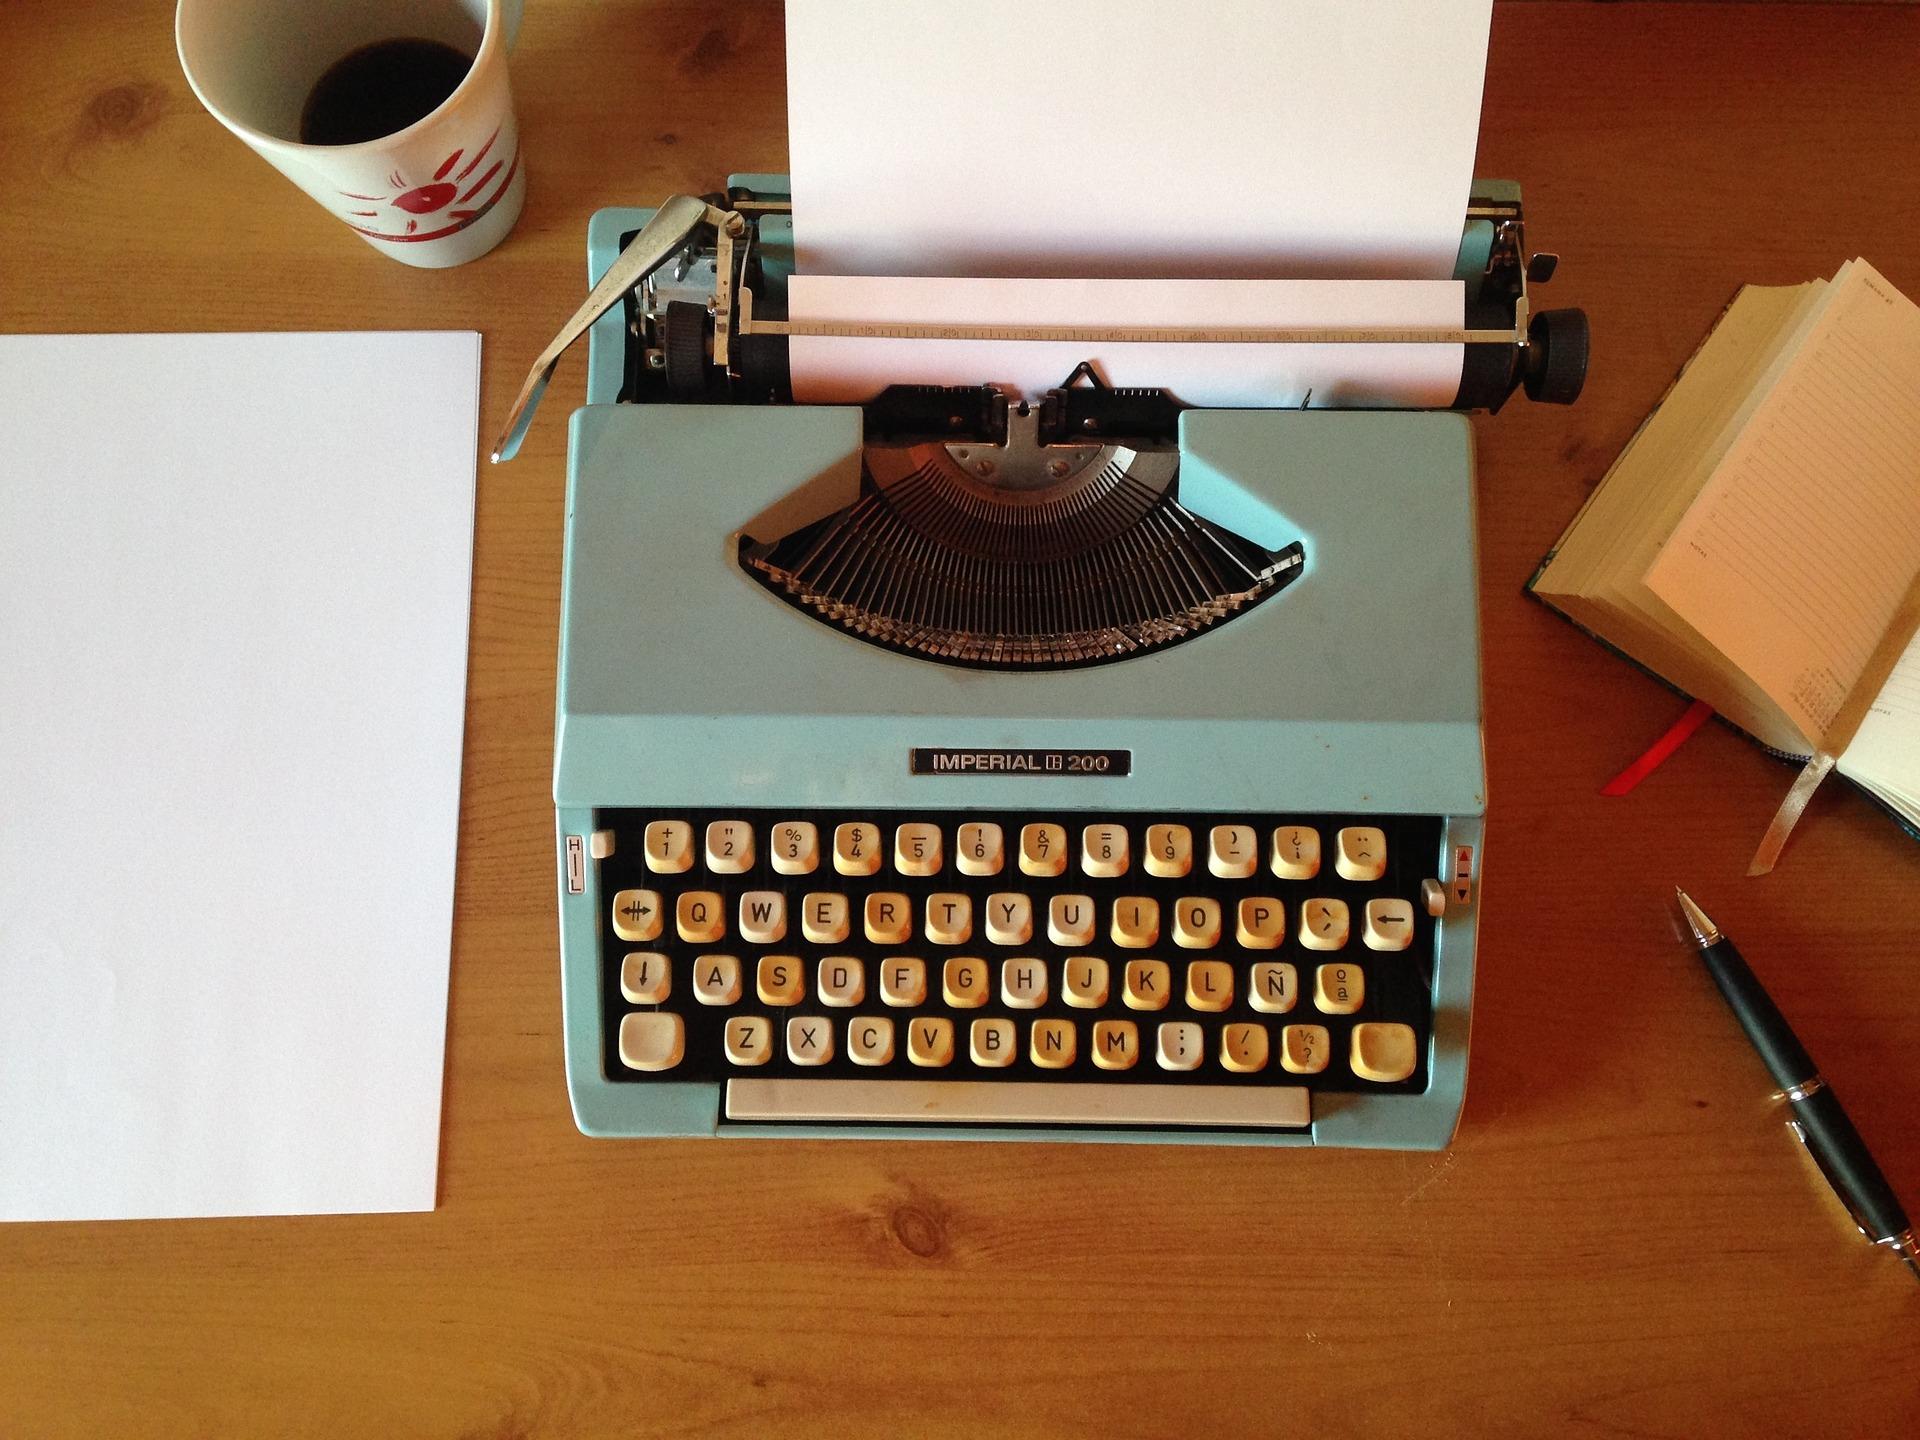 machine-writing-1035292_1920.jpg